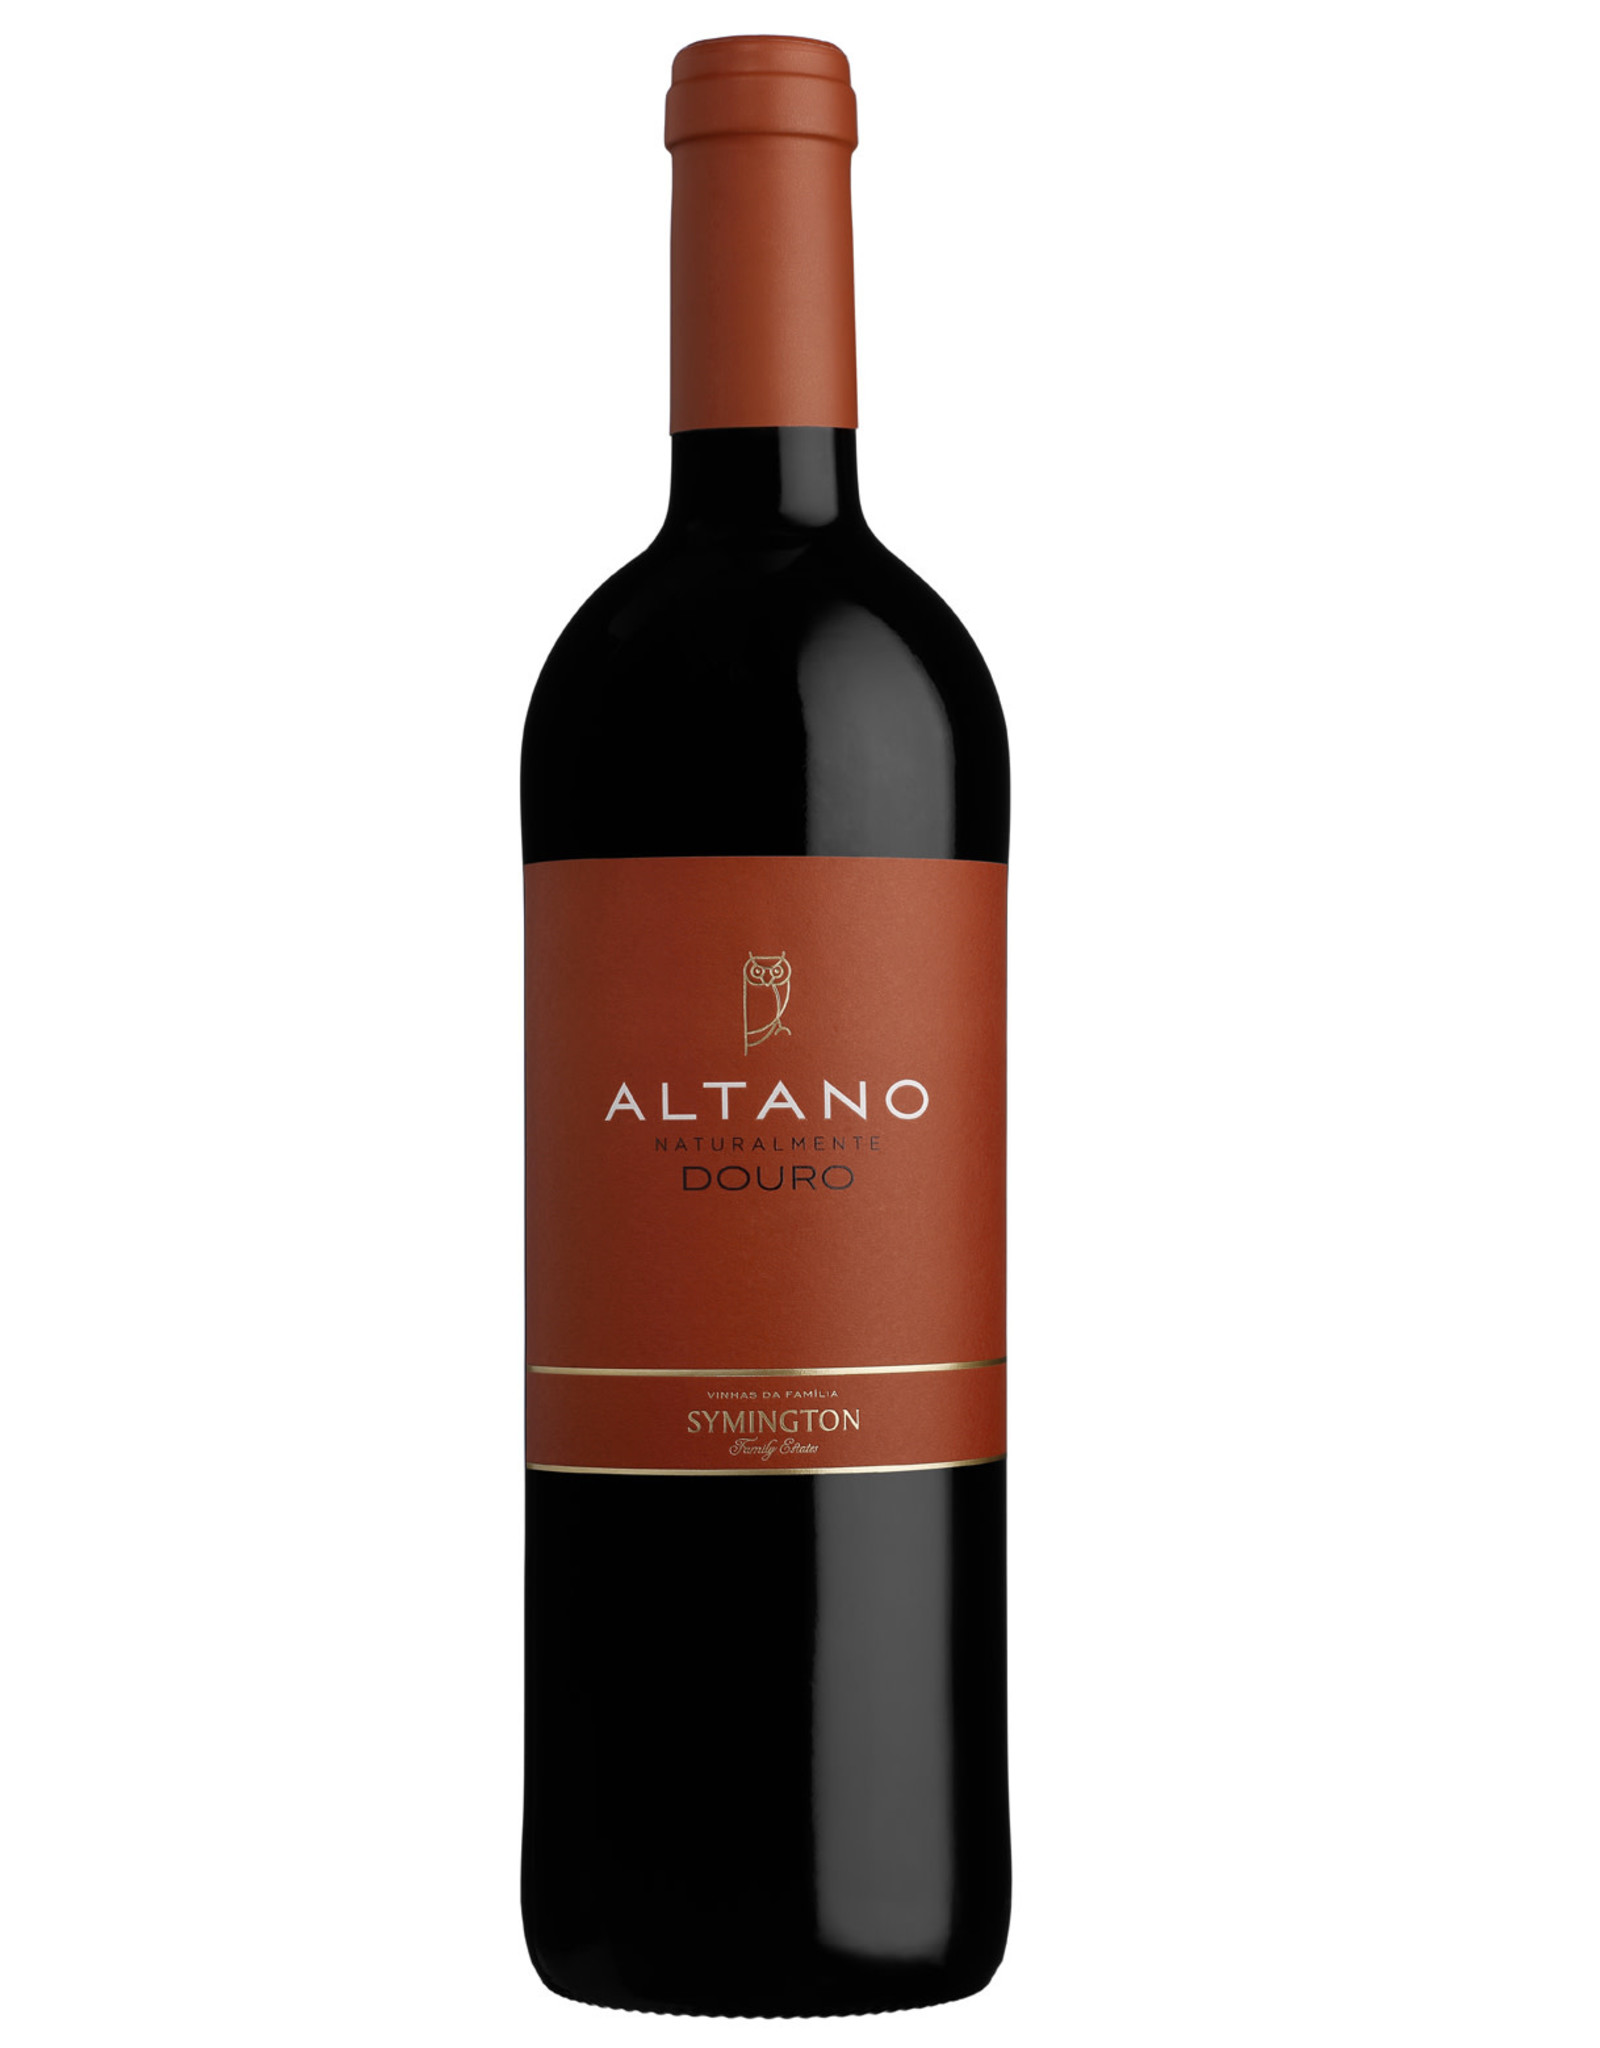 Altano Altano Naturalmente Douro Tinto 2018